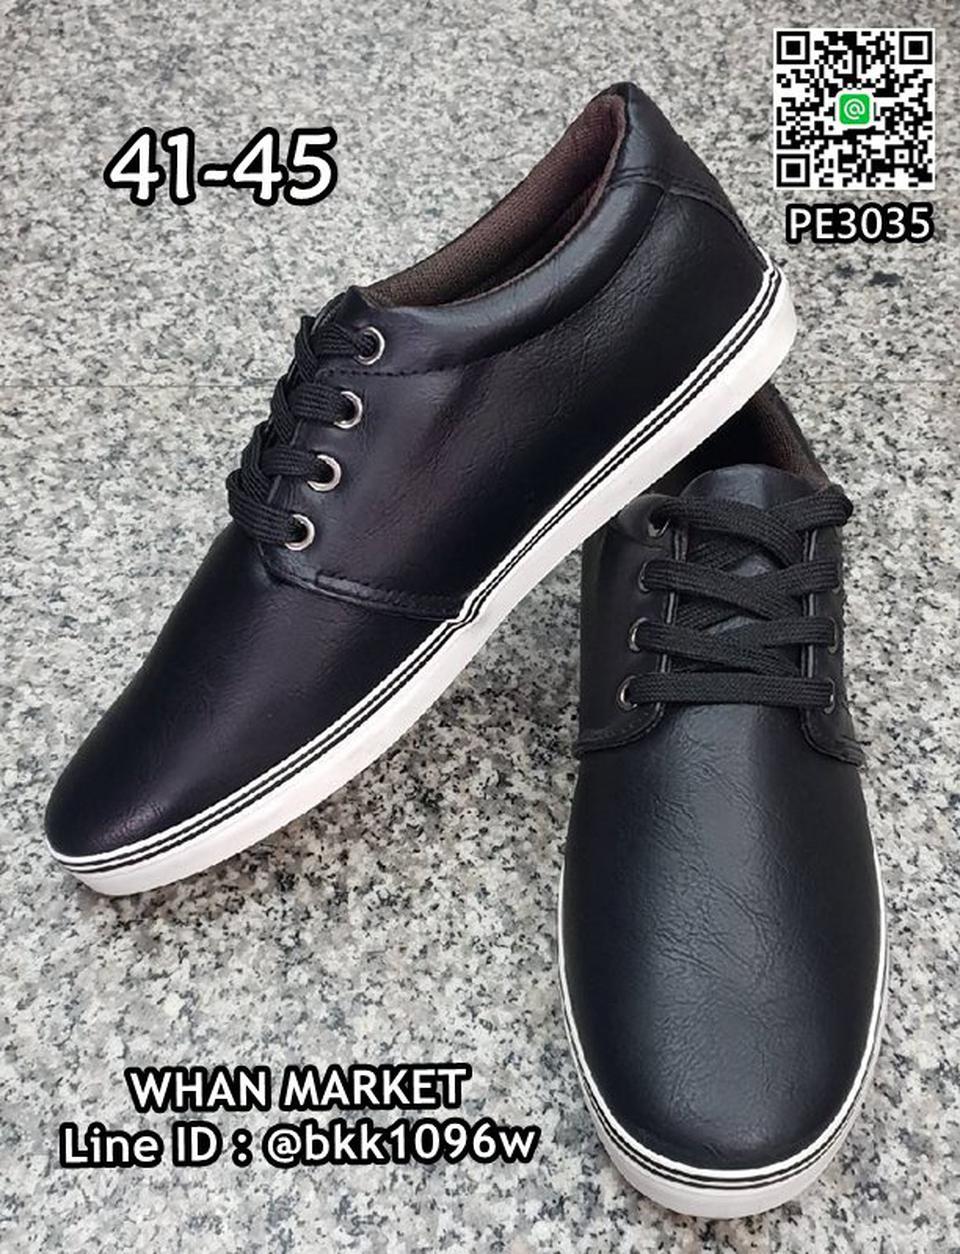 รองเท้าผ้าใบหนังผู้ชาย วัสดุหนังPU คุณภาพดี มีเชือกผูกปรับกร รูปที่ 4